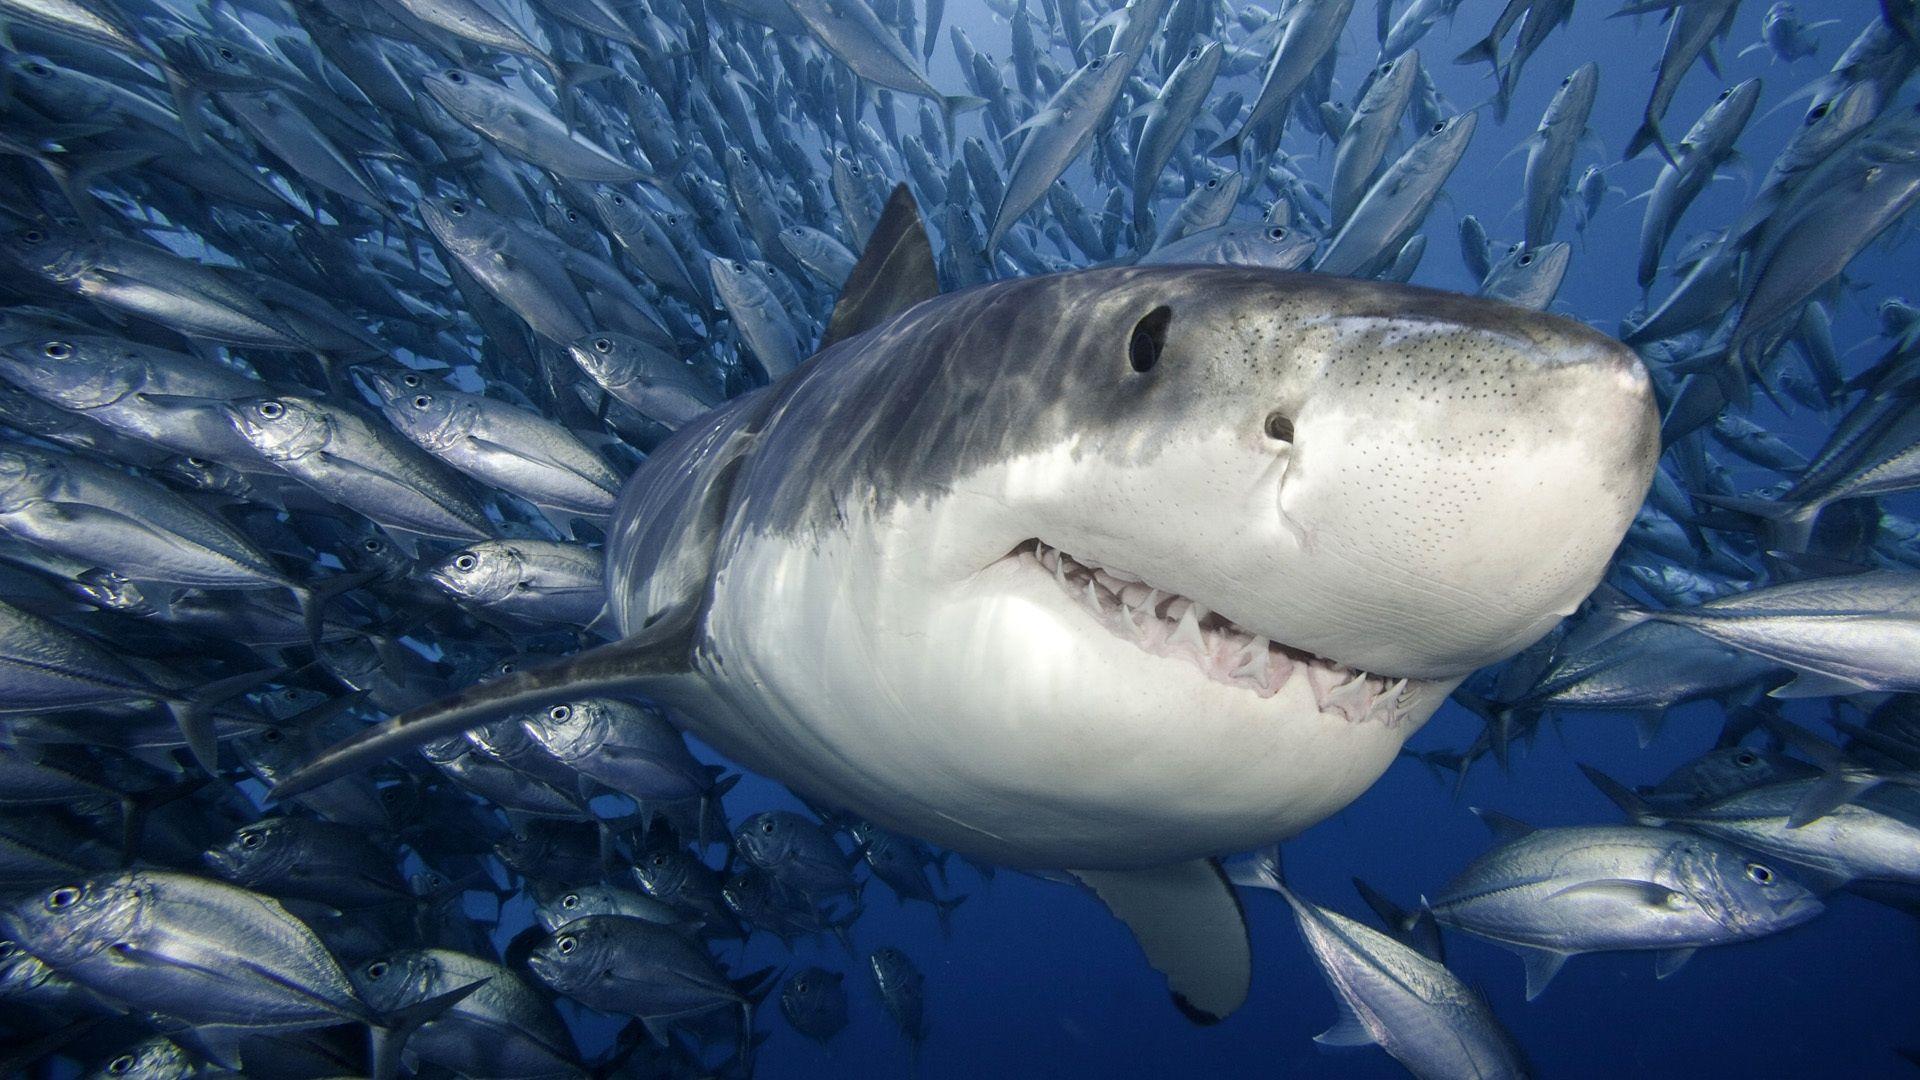 shark wallpaper bedroom | hd wallpaper | pinterest | shark